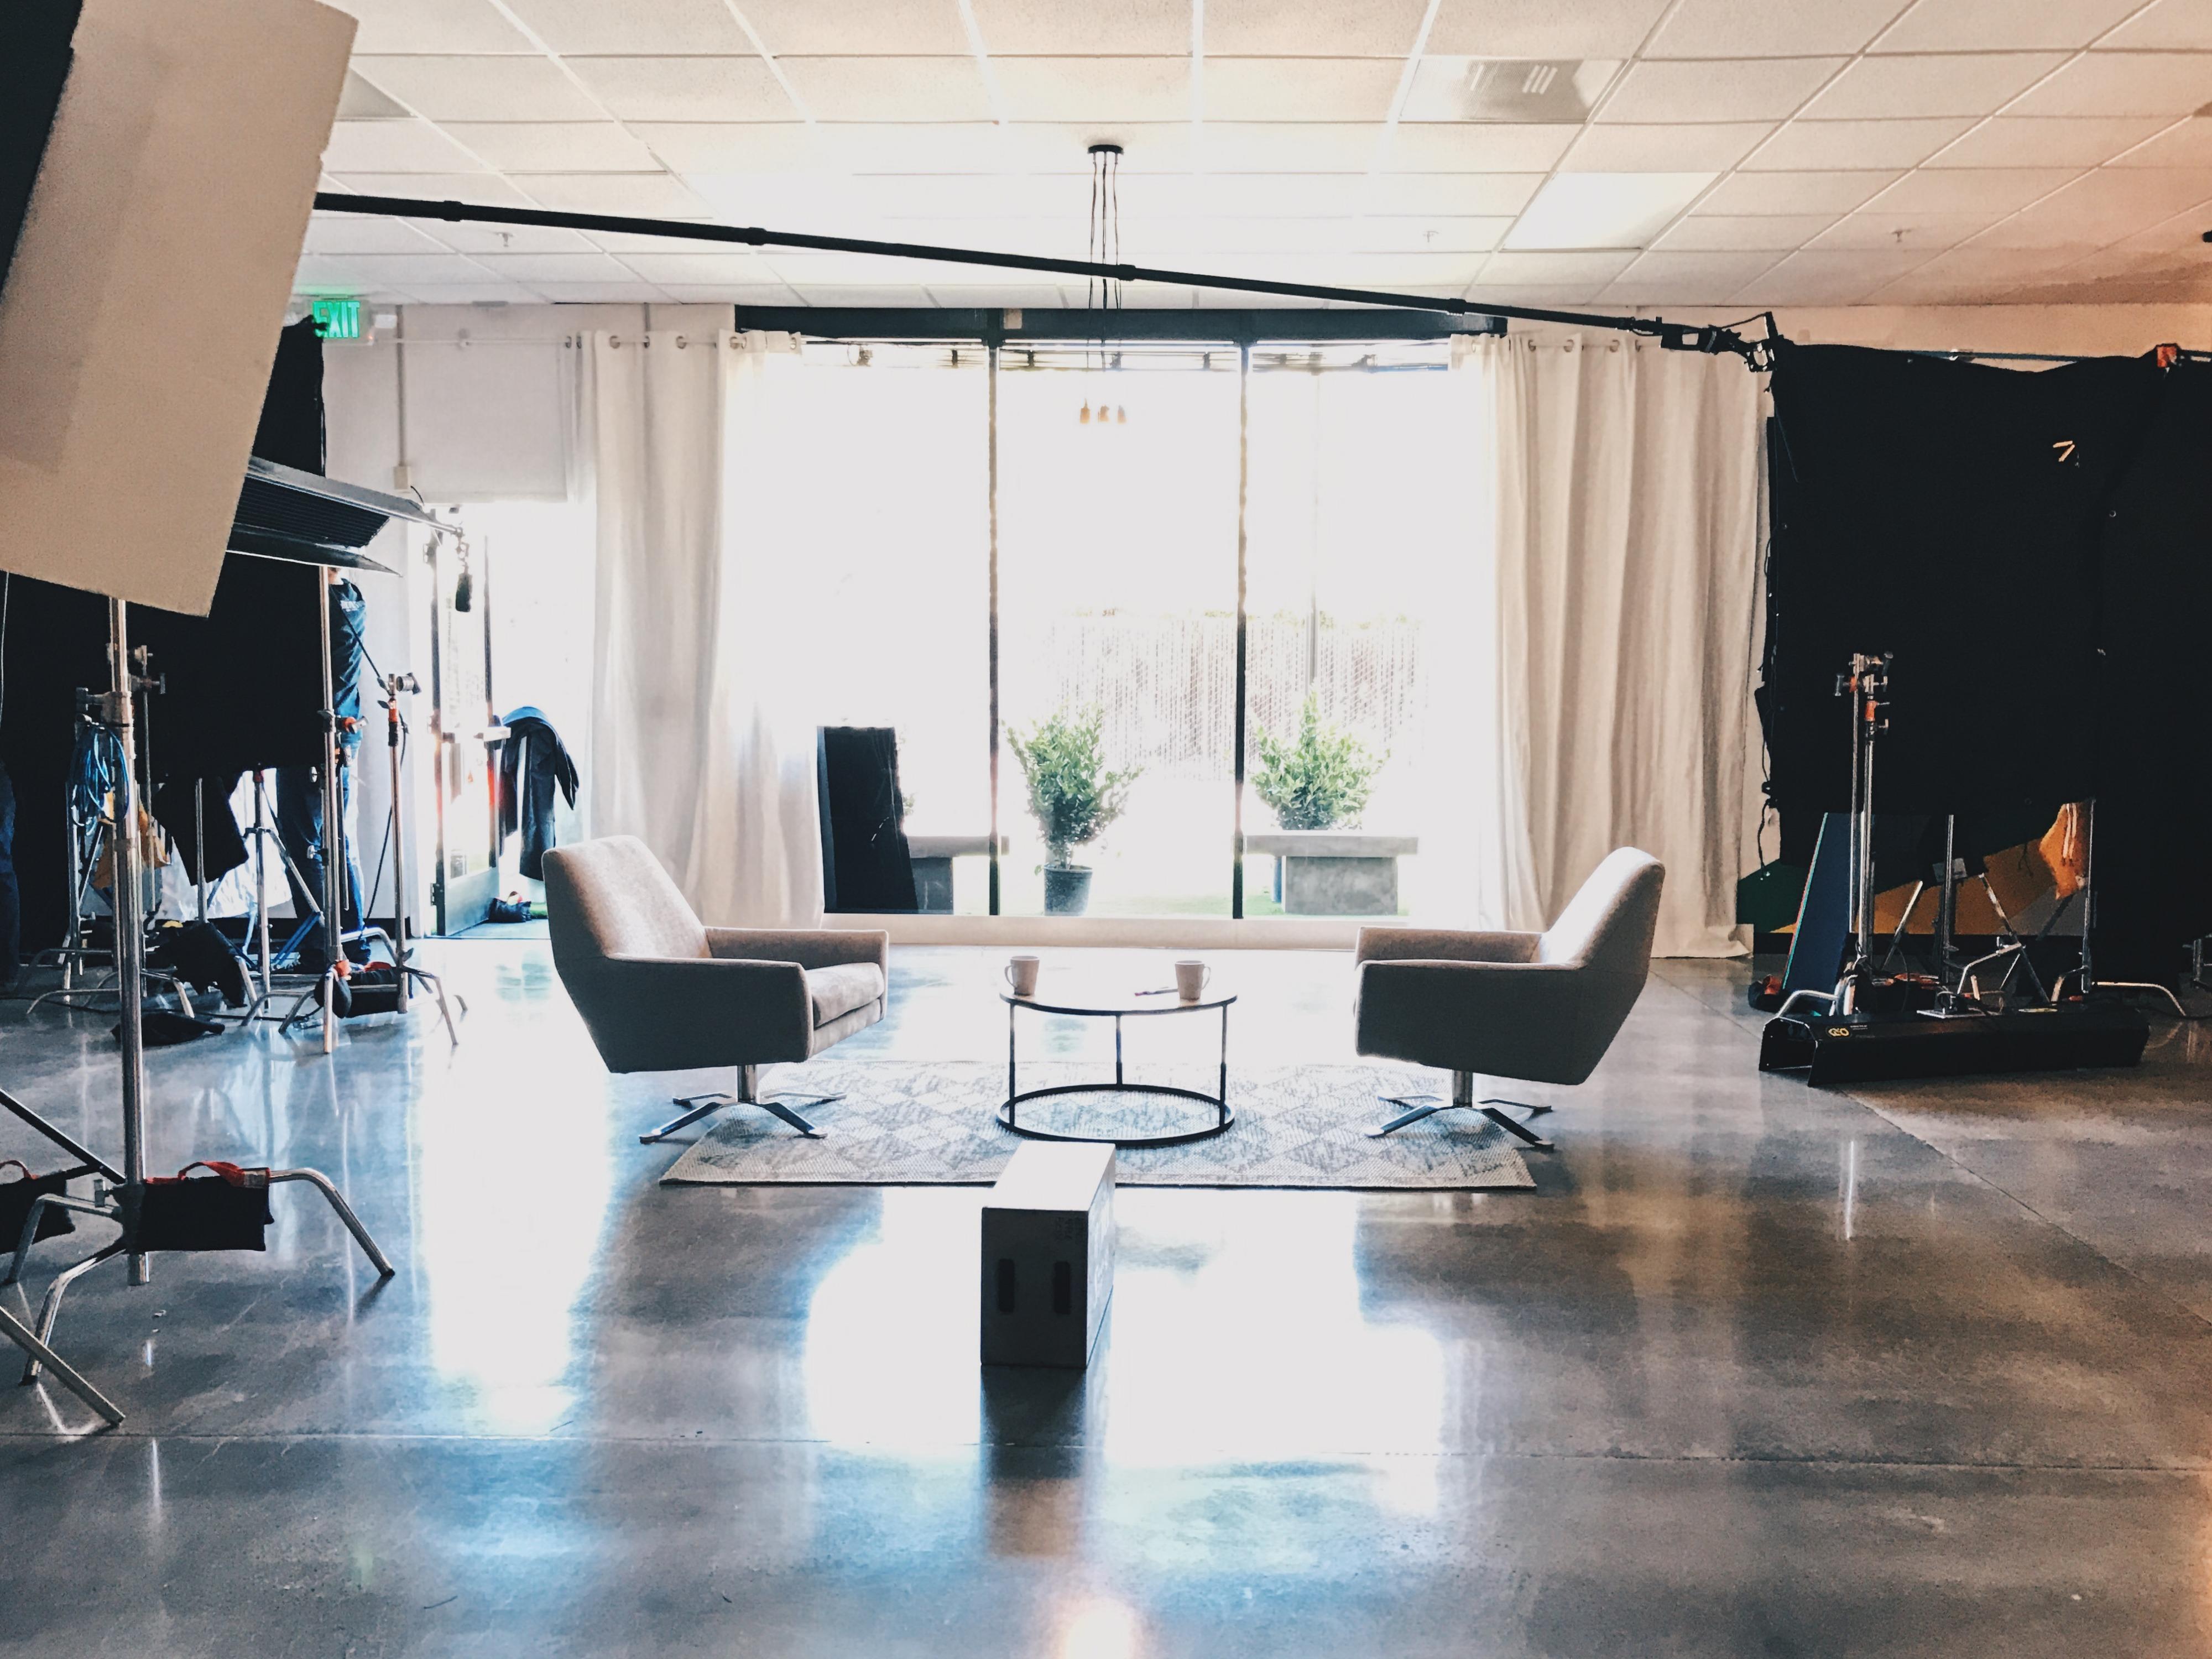 Modern Entrepreneurial Sunnyvale Spaces: The Living Room, Sunnyvale ...